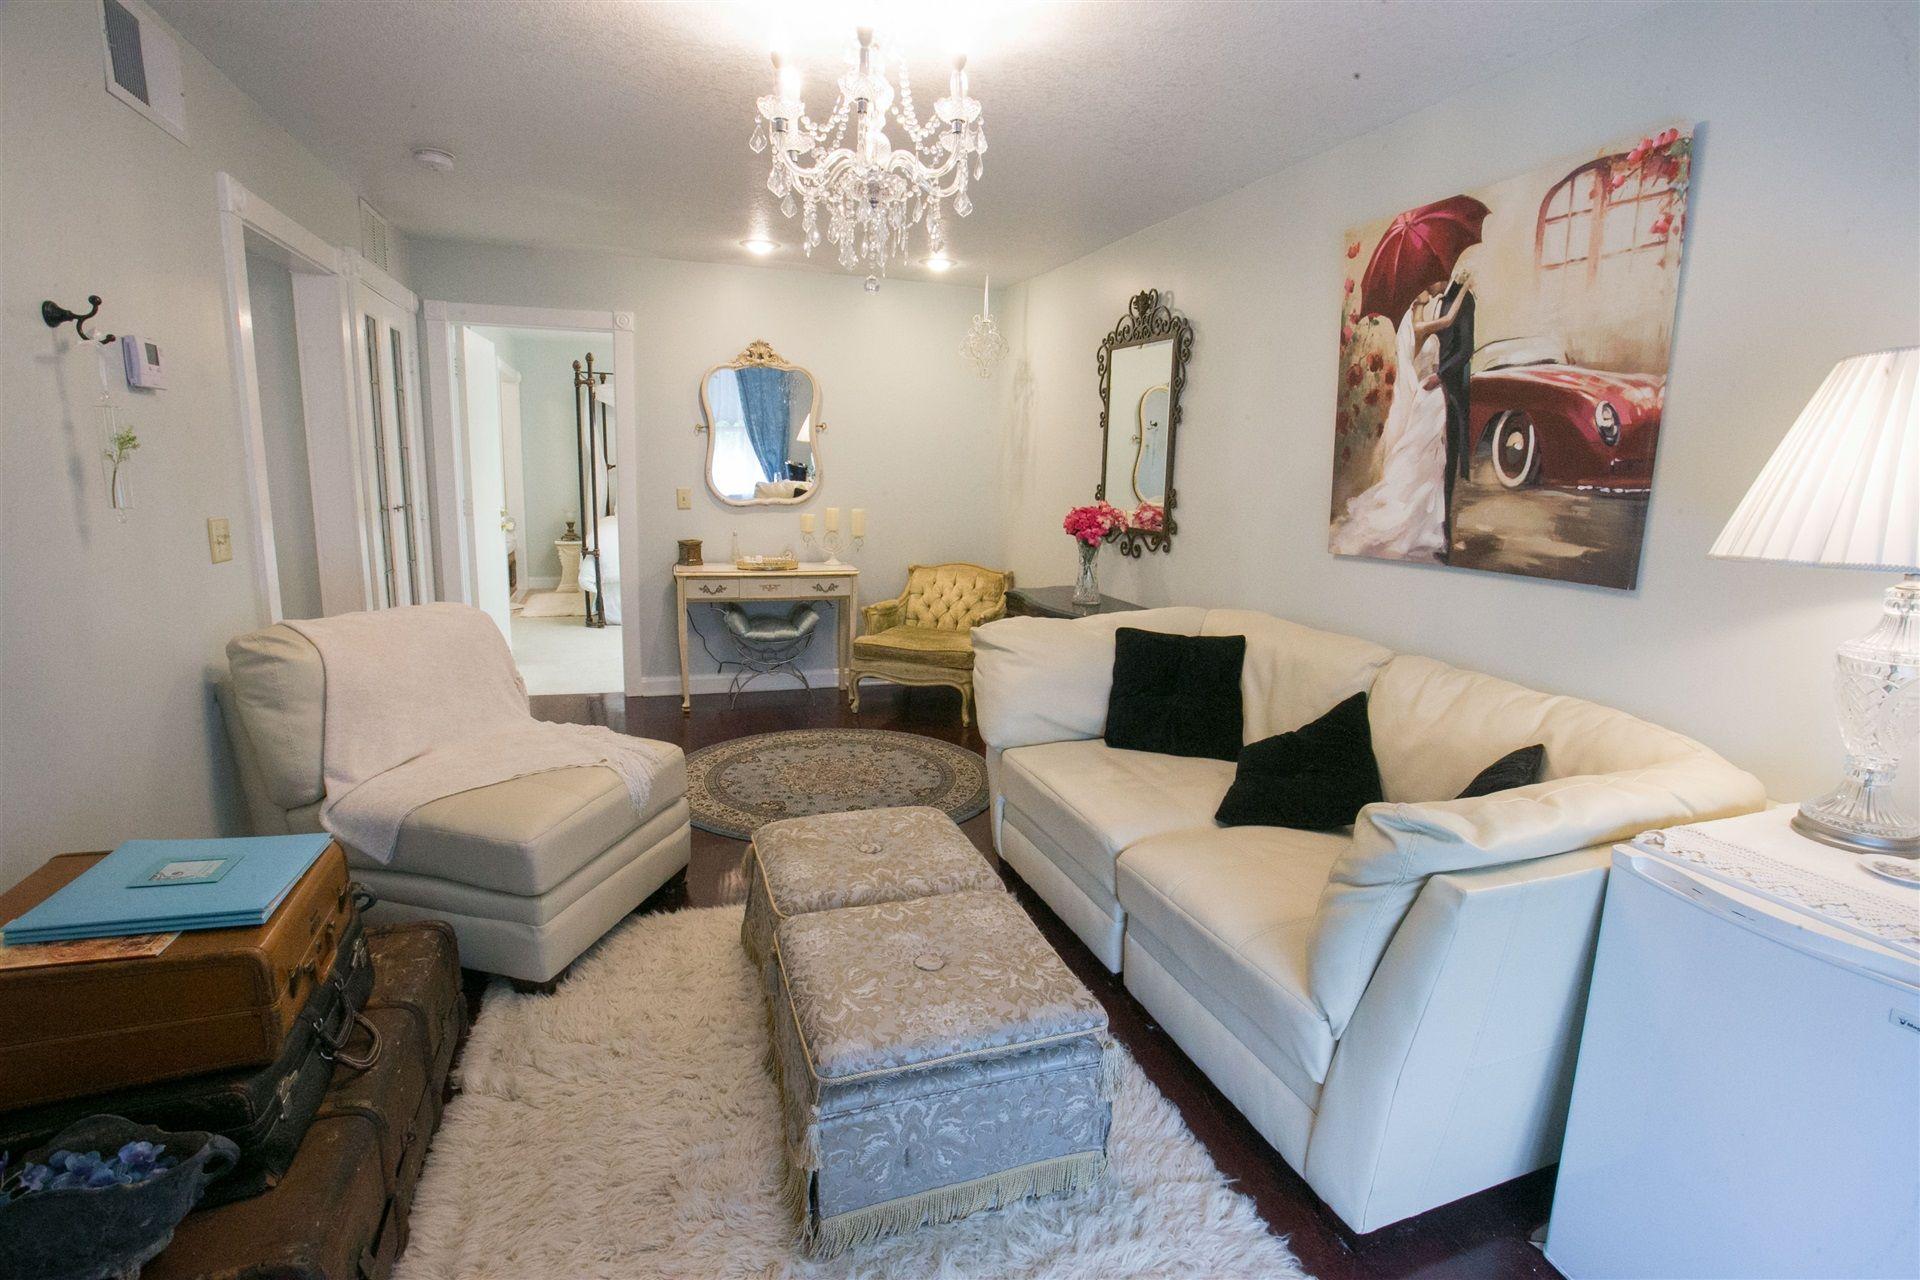 french-riv-livingroom-2015